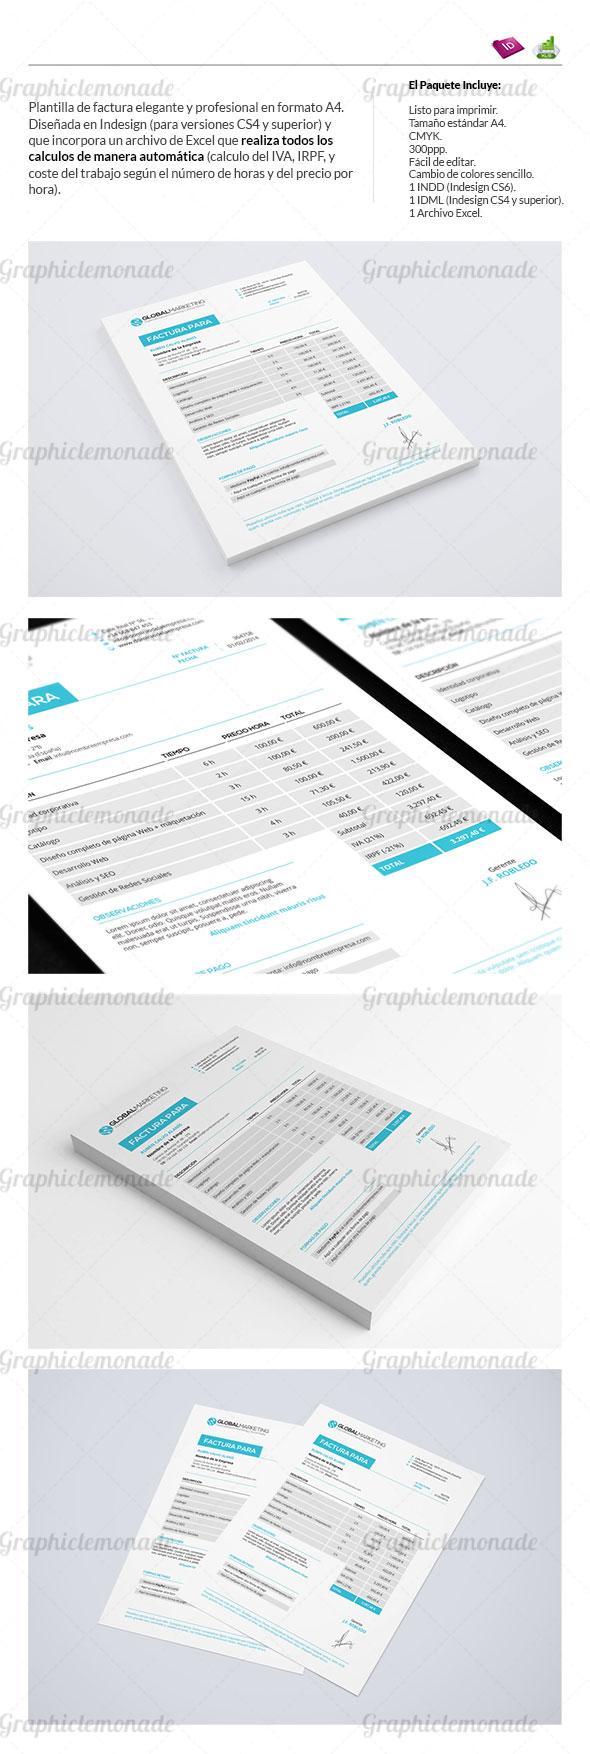 Plantilla de Factura Elegante y Profesional | HTML5 resources ...